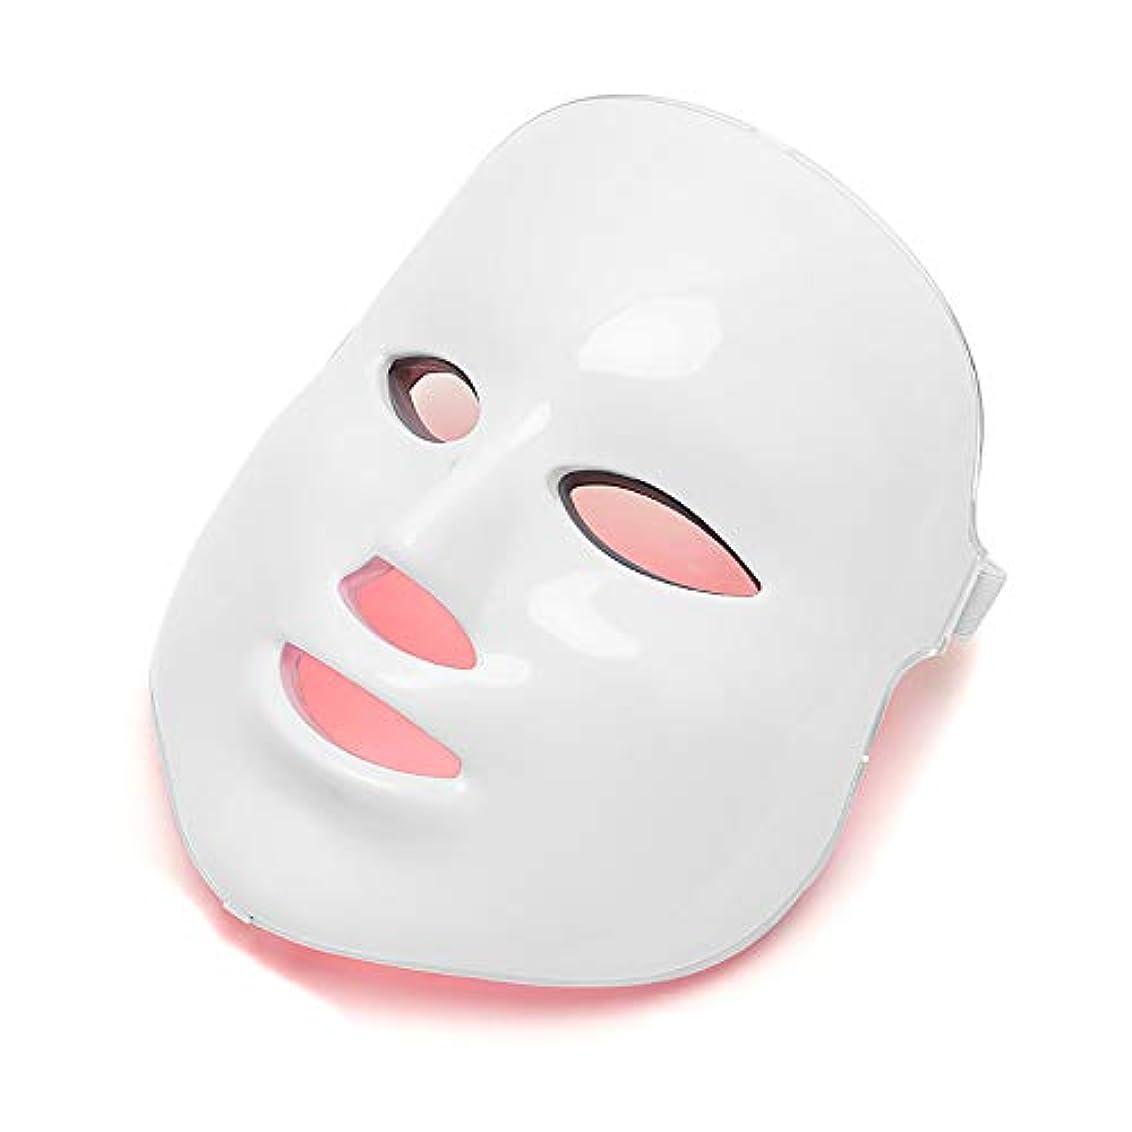 コールそよ風名門7色の顔のマスクLED顔のマスクLEDの顔のマスクの美は導かれた顔のマスクの美機械を導きました